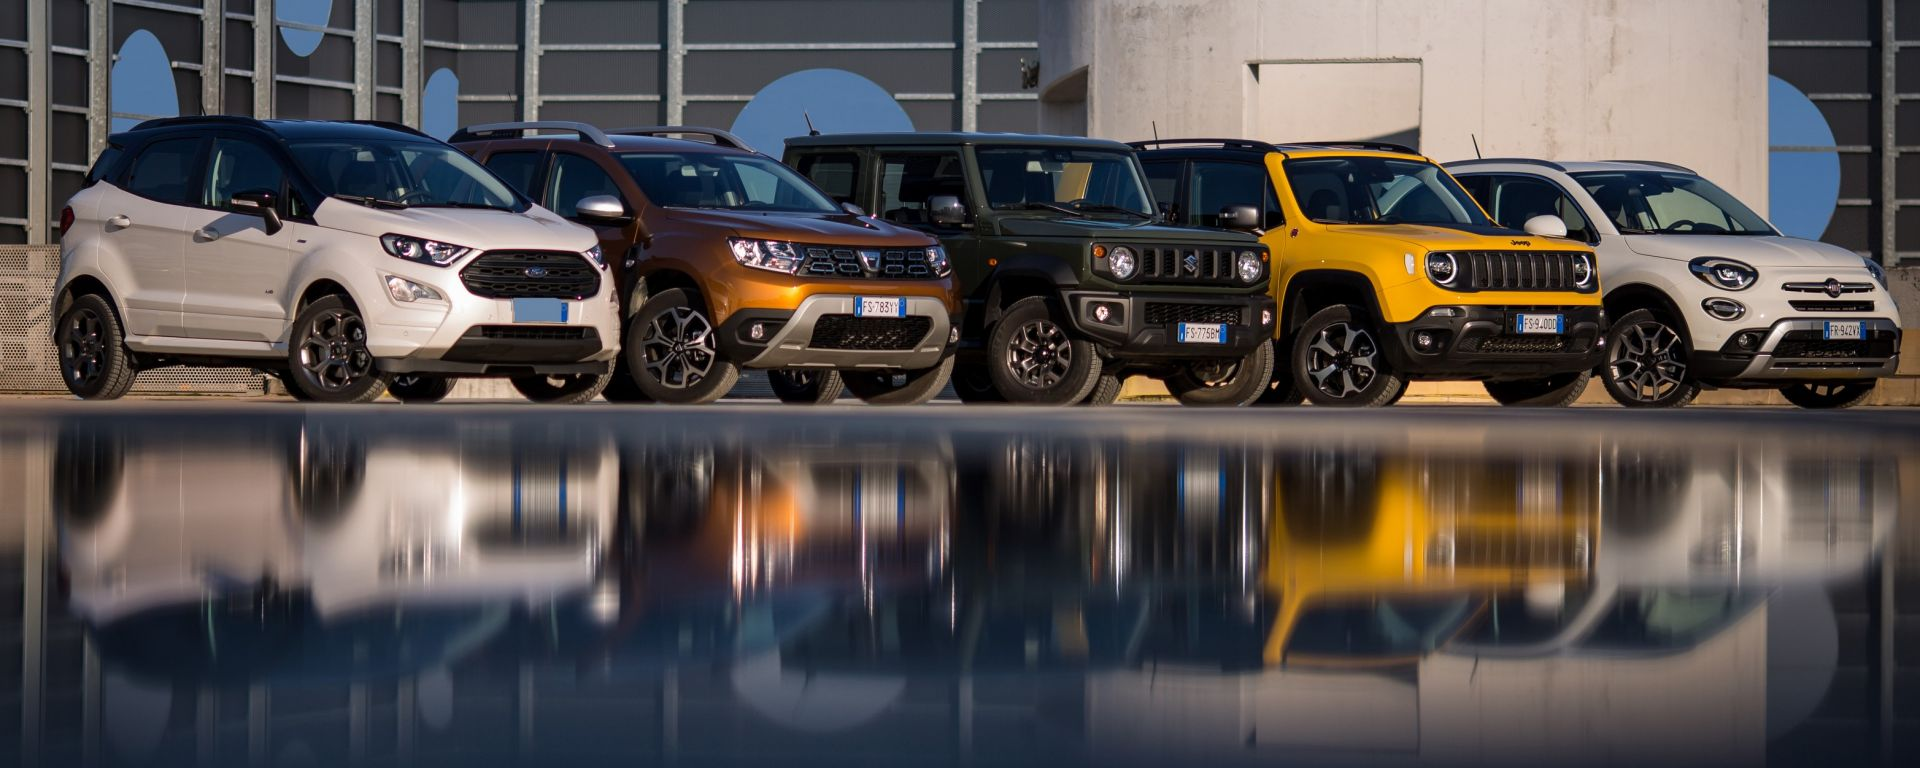 Ford Ecosport, Dacia Duster, Suzuki Jimny, Jeep Renegade, Fiat 500X: guida all'acquisto dei SUV compatti